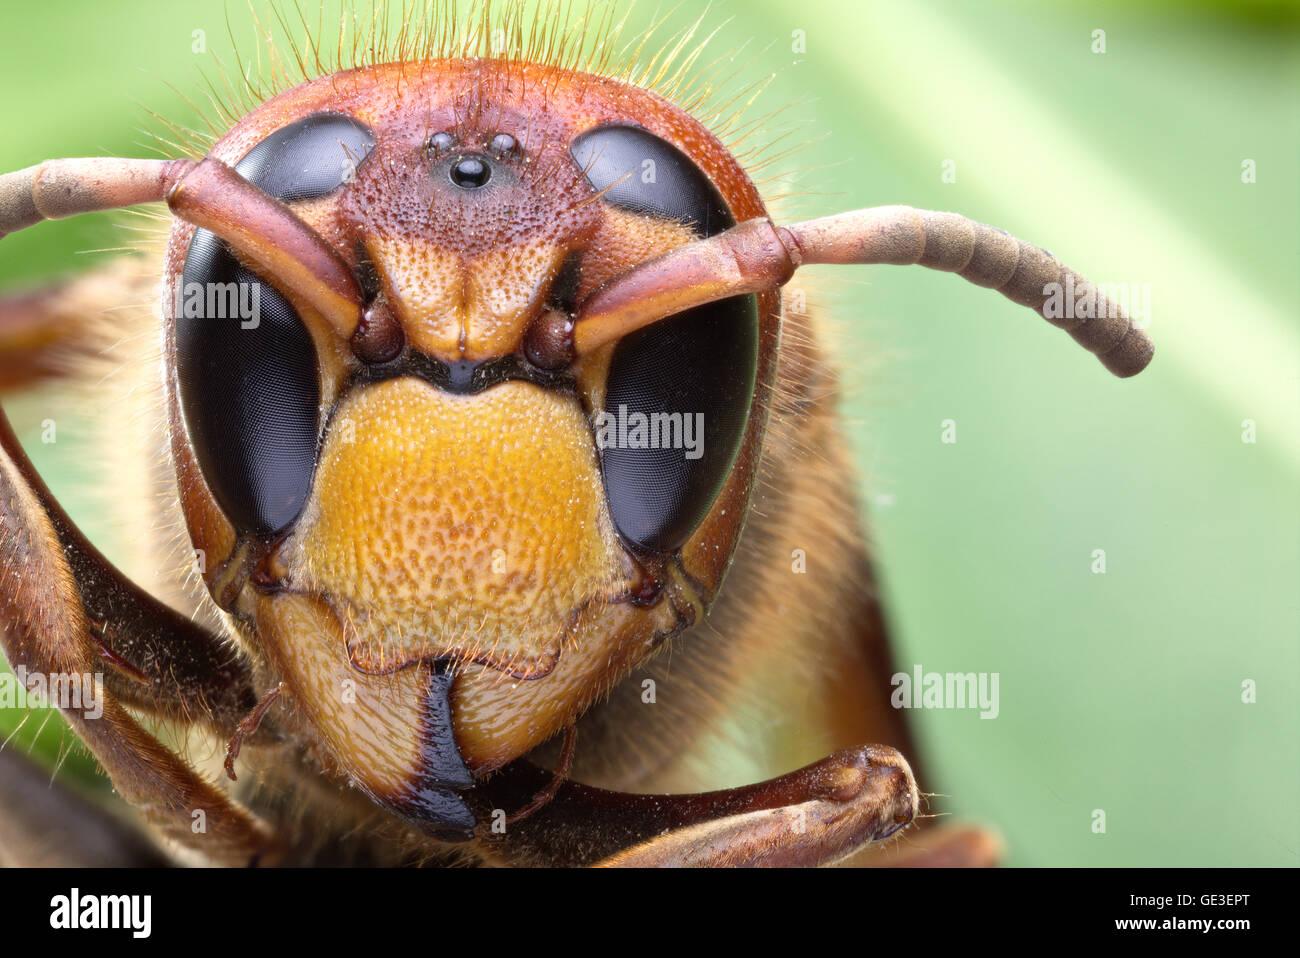 Macro shot of hornet or yellow jacket. - Stock Image